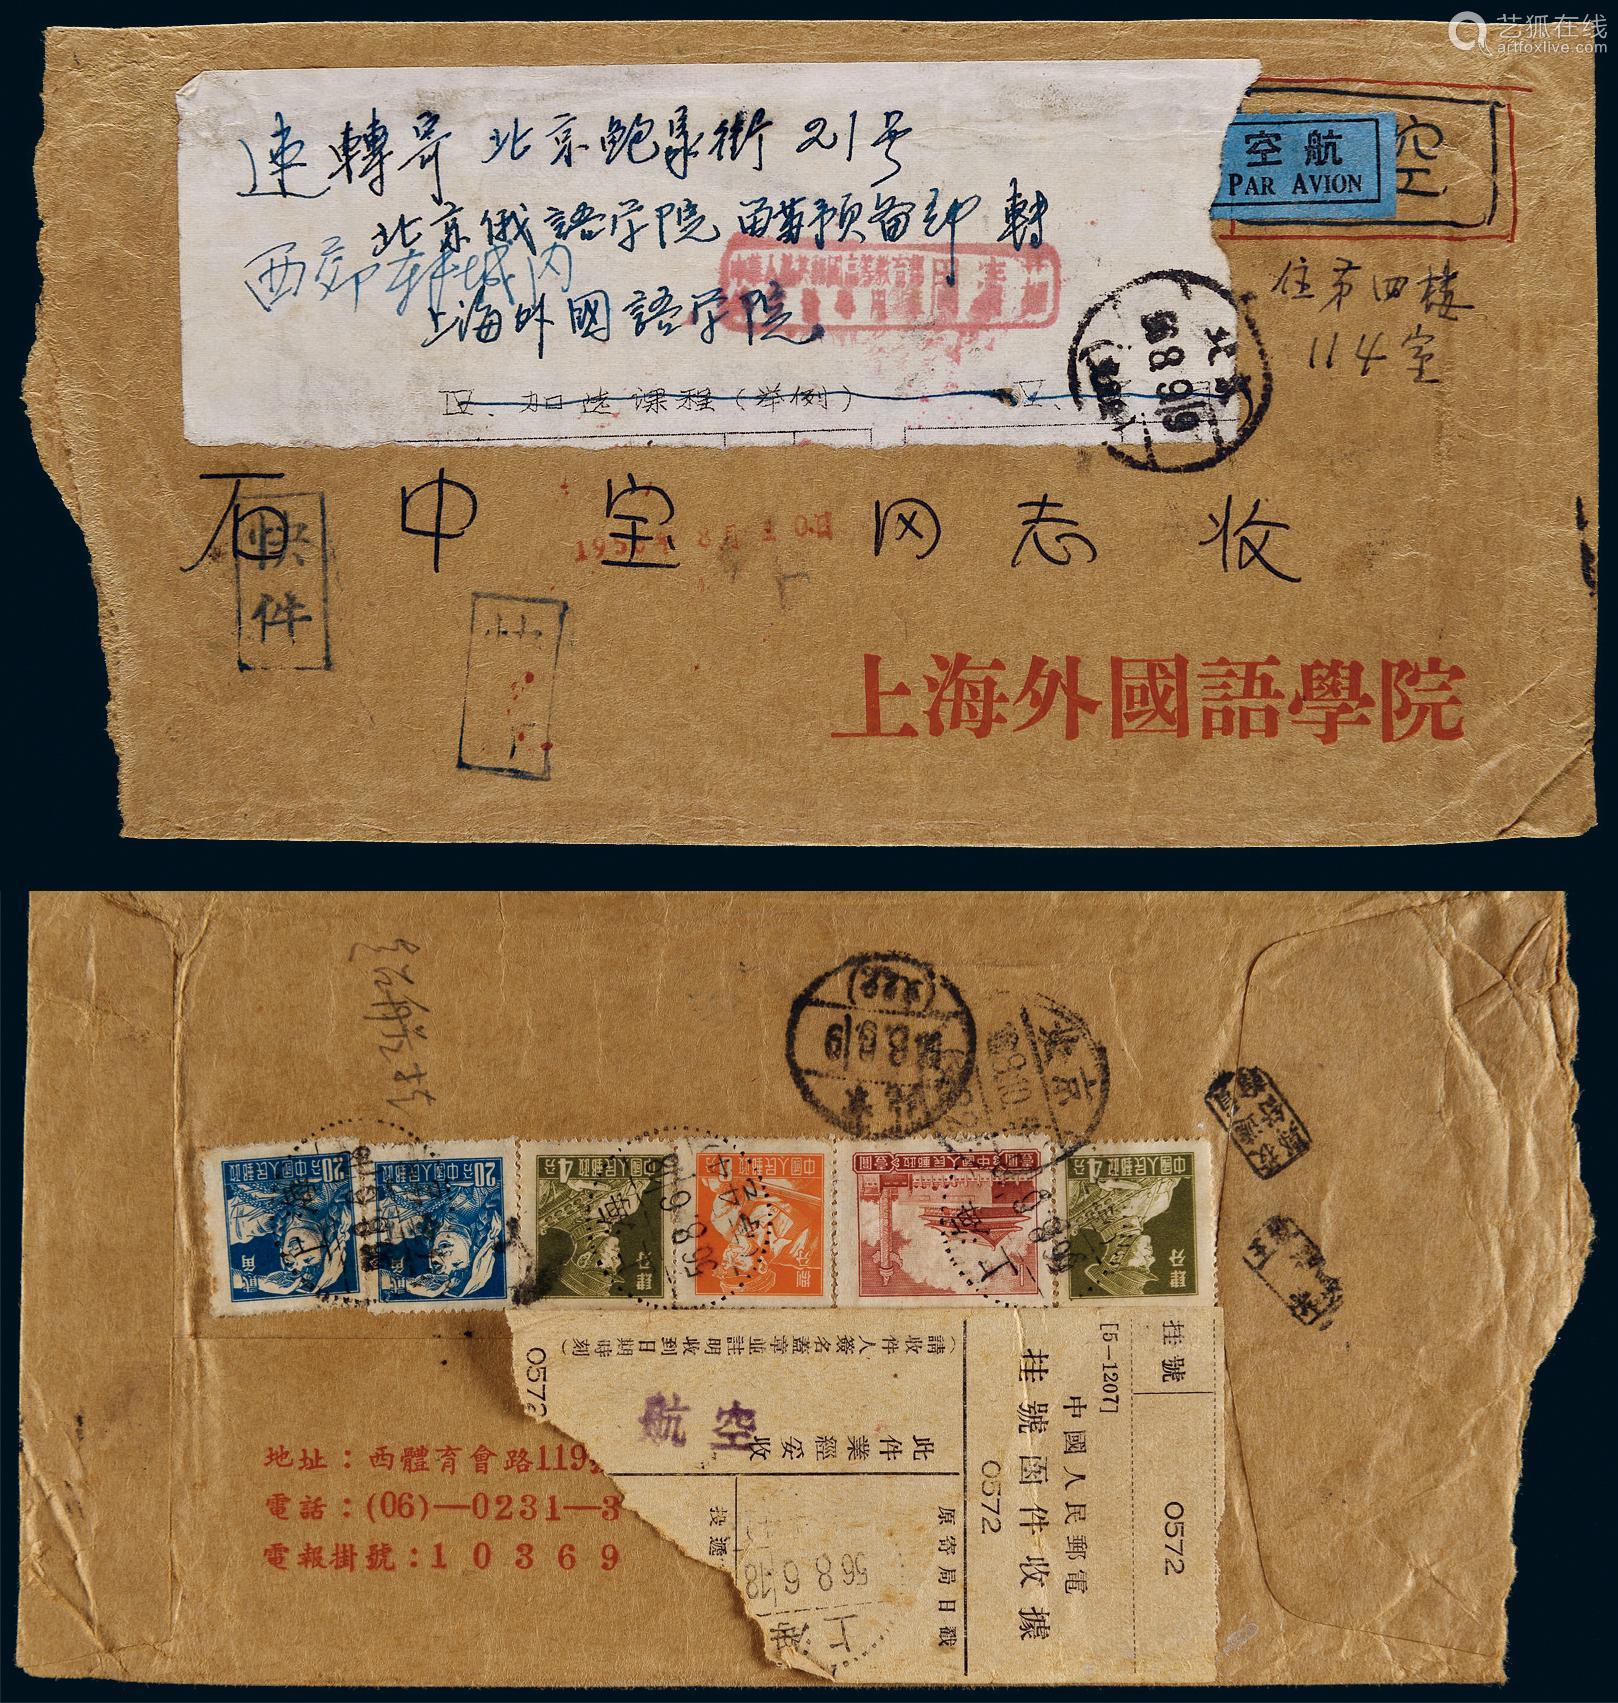 1956年上海寄北京超重航挂转寄封